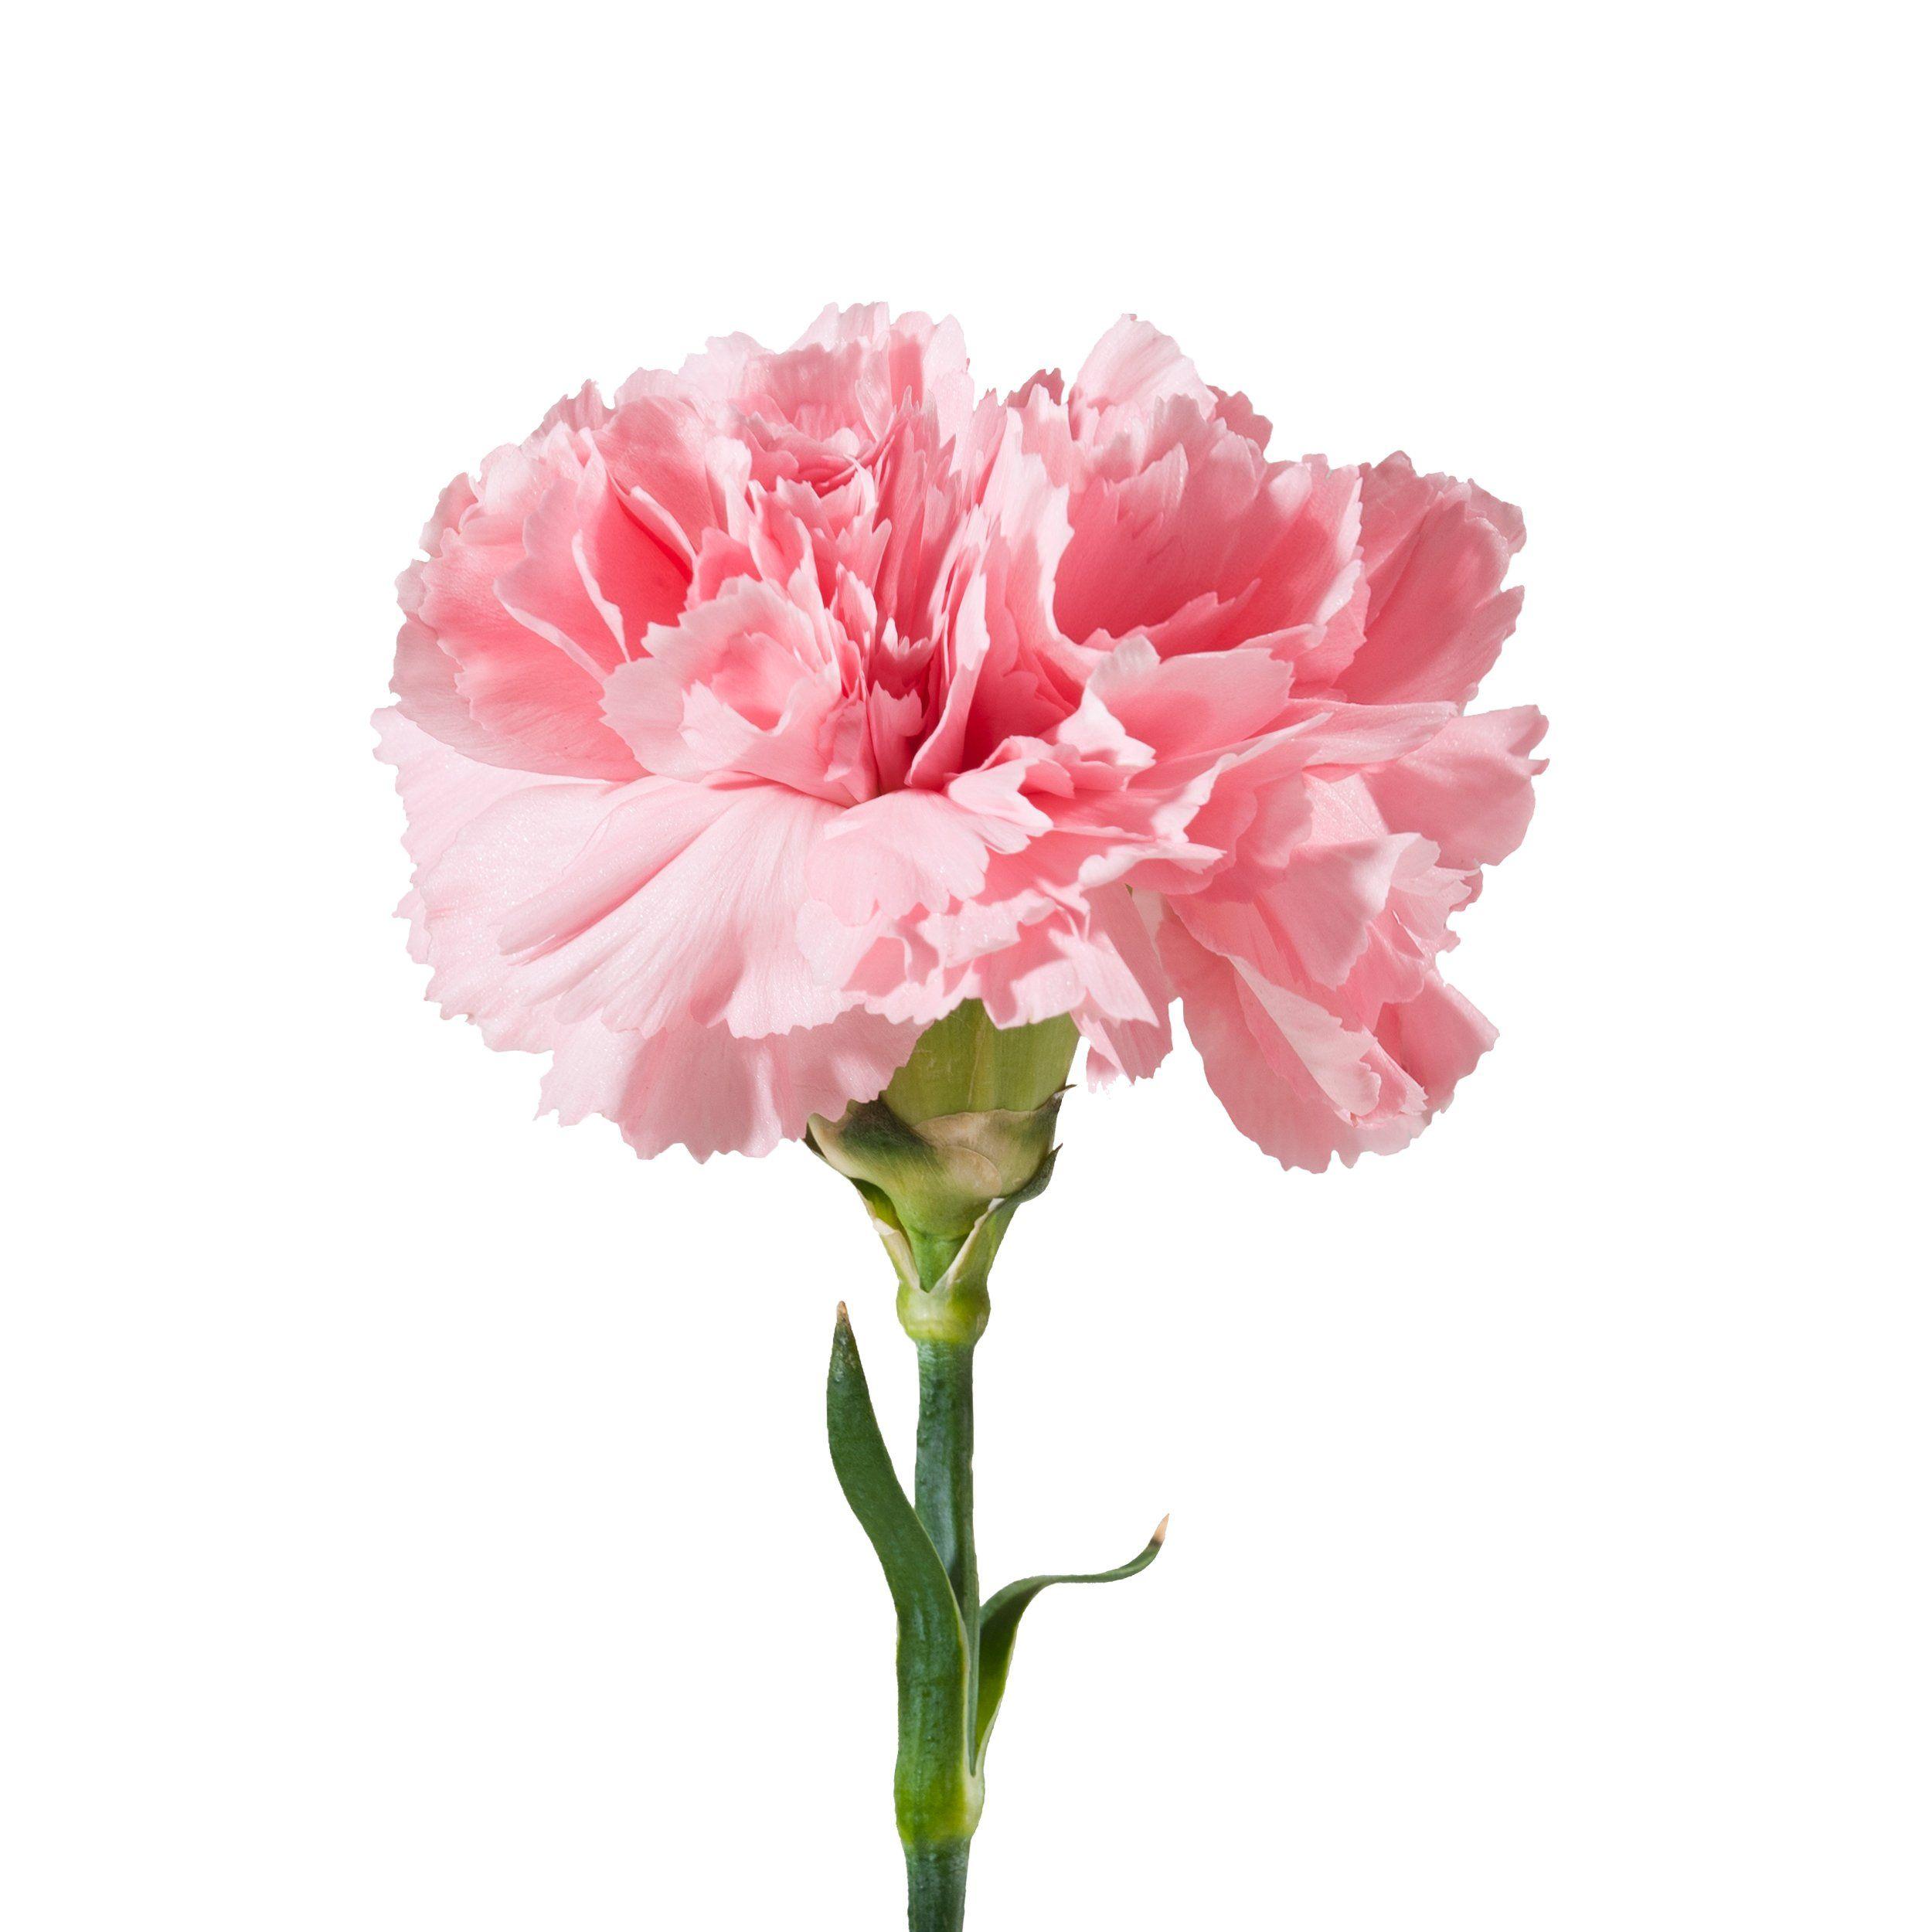 Pin On Carnation